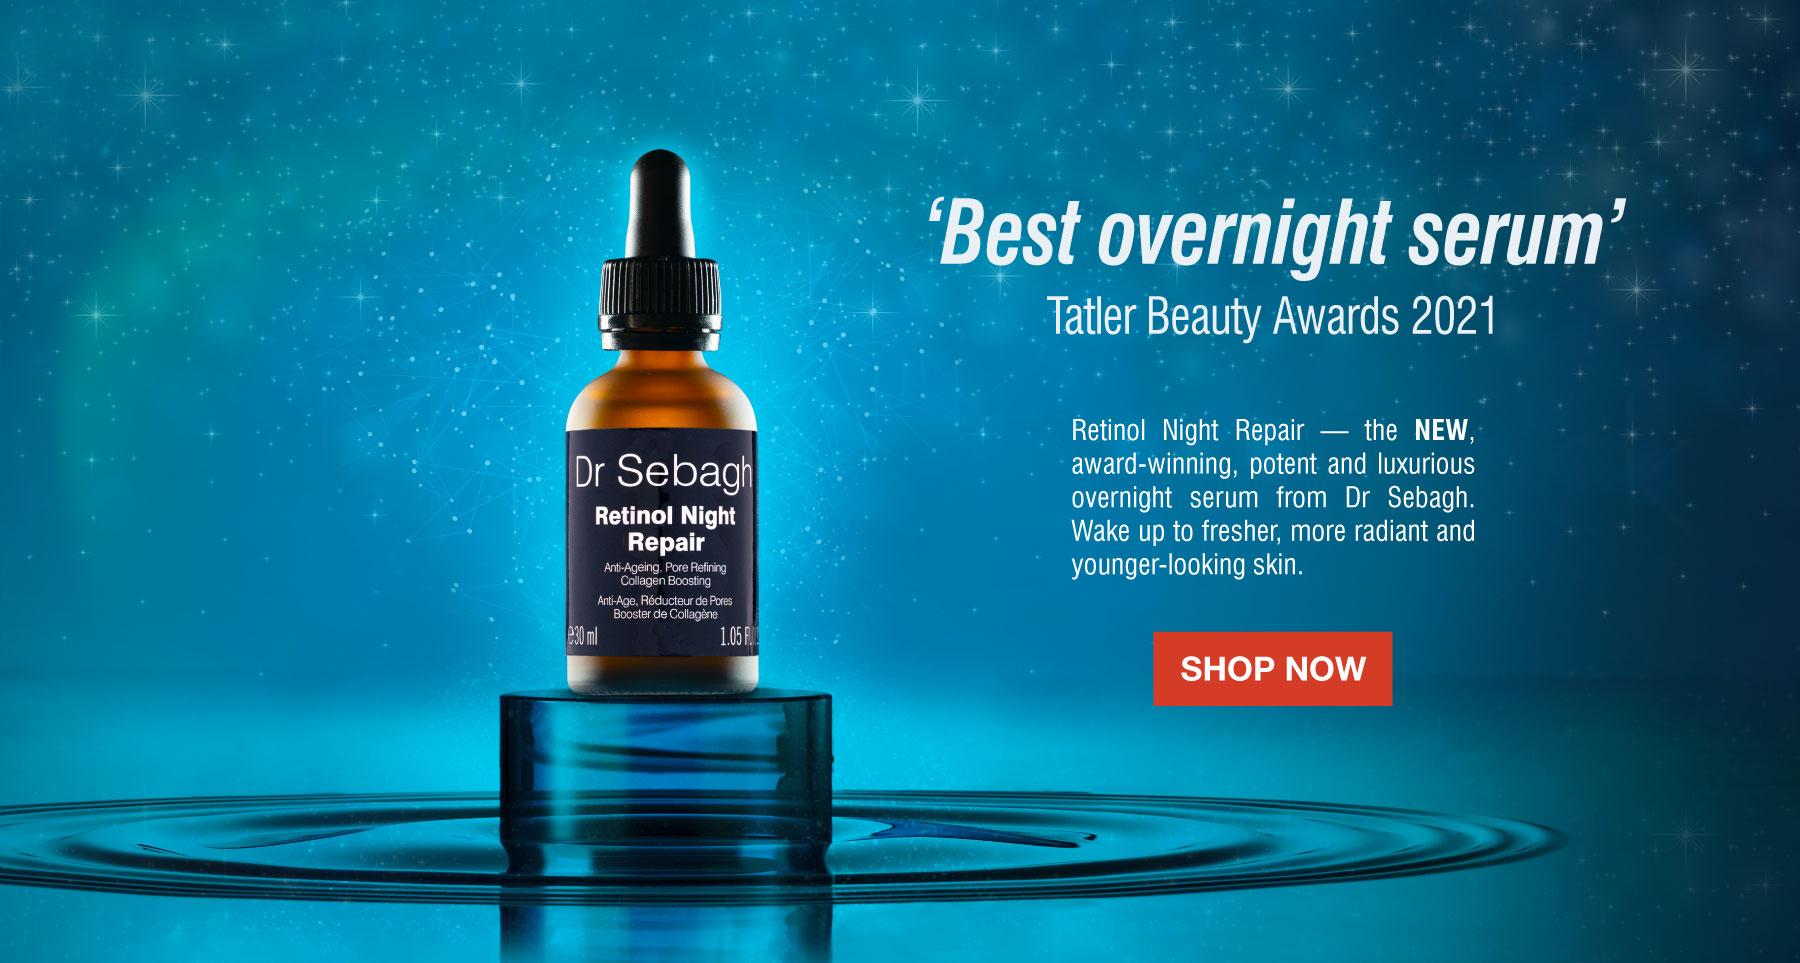 Dr Sebagh Retinol Night Repair